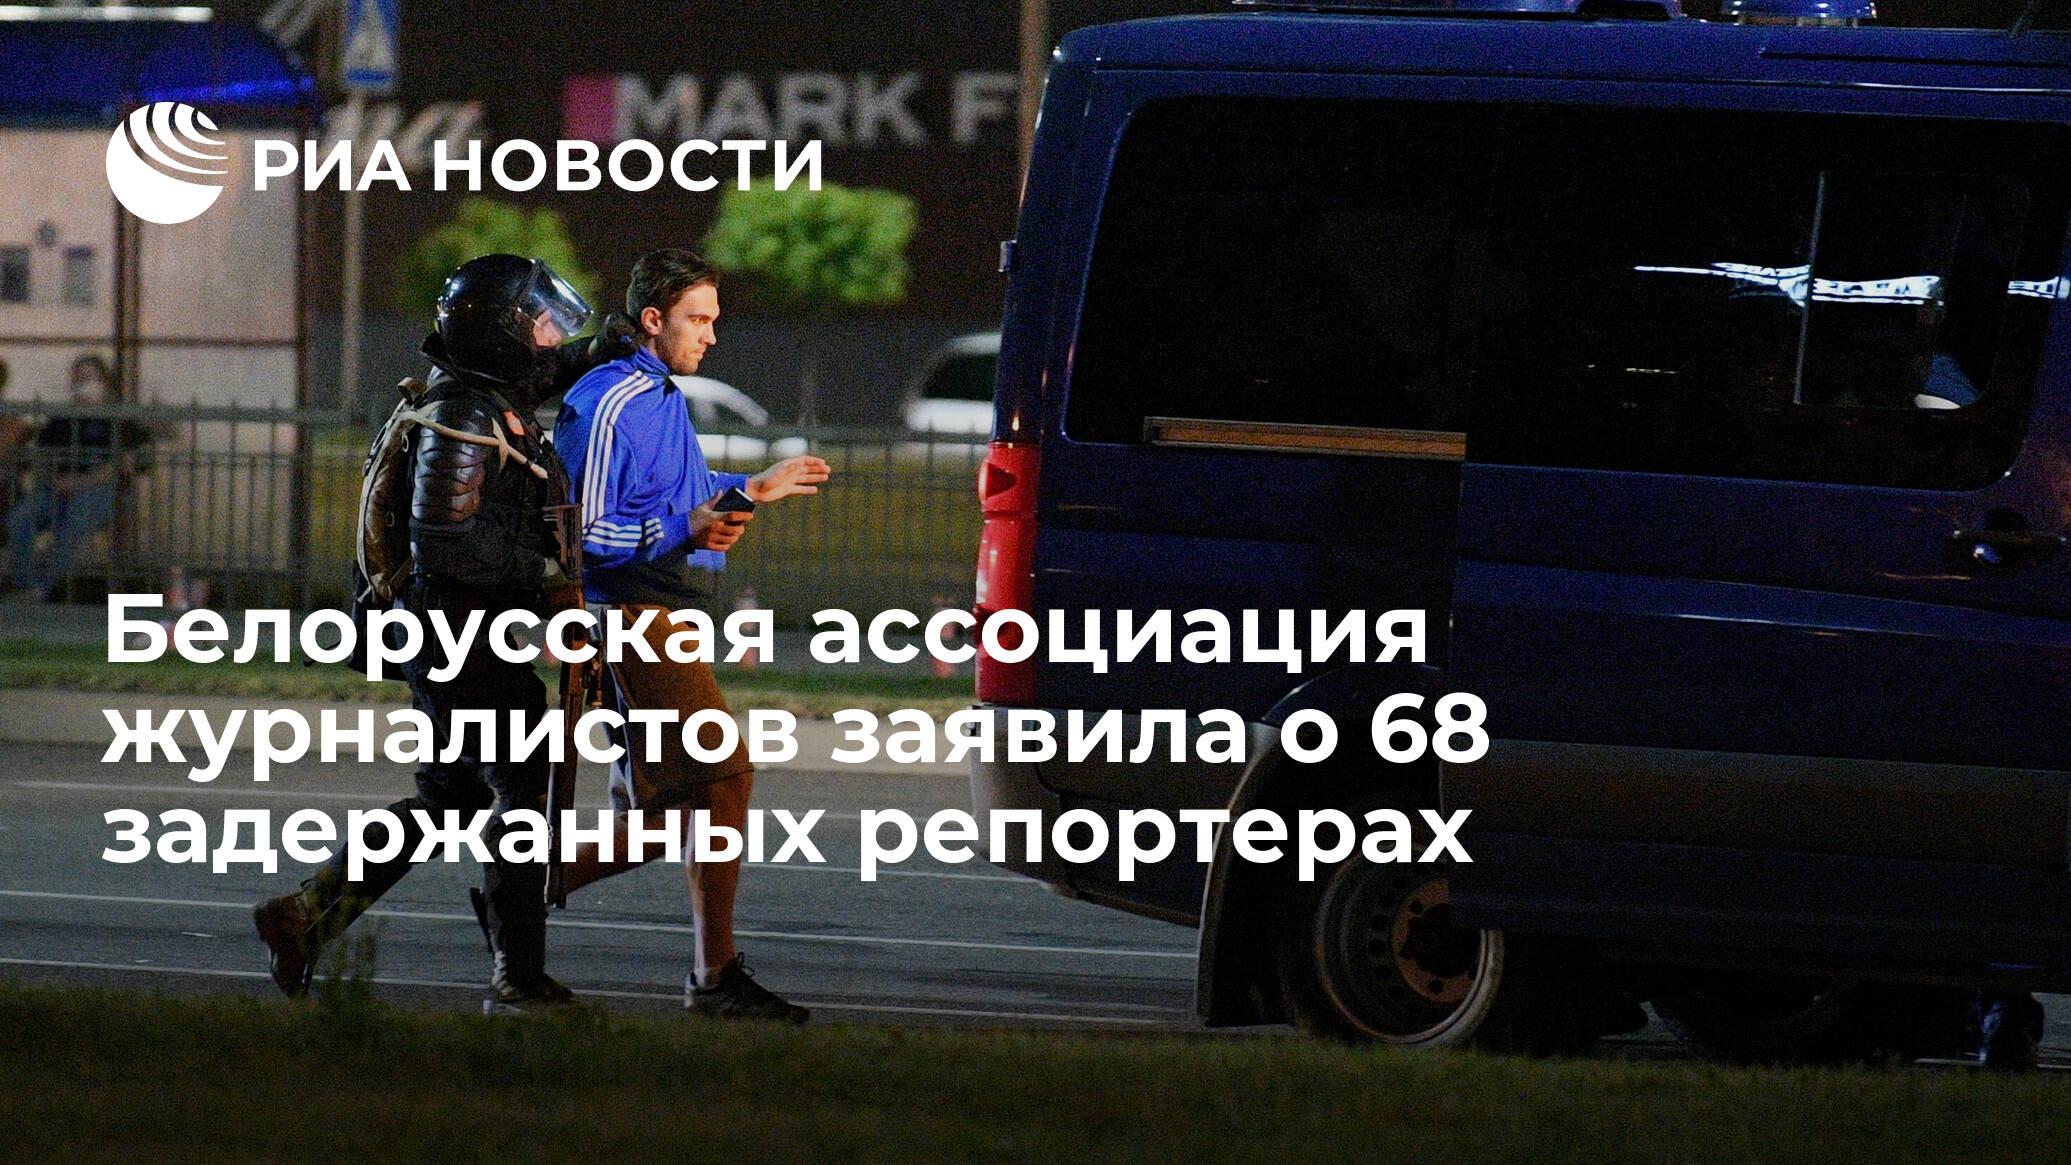 Белорусская ассоциация журналистов заявила о 68 задержанных репортерах